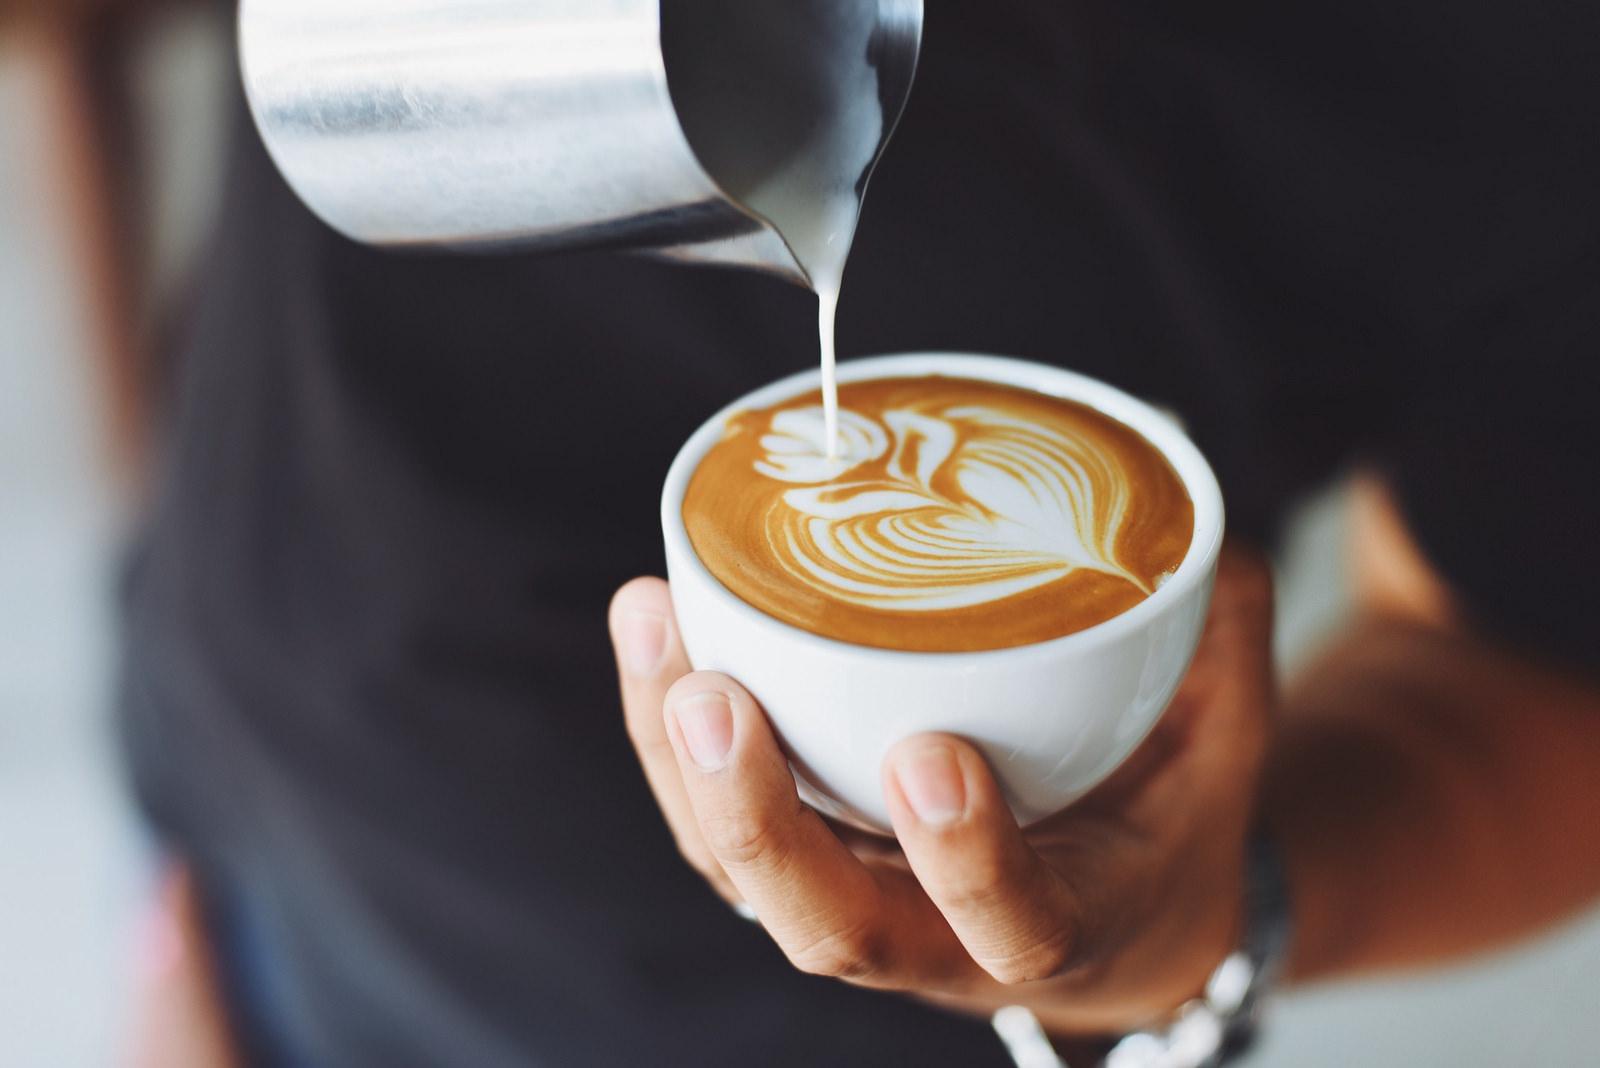 קפה, הכנת קפה, מזיגת קפה